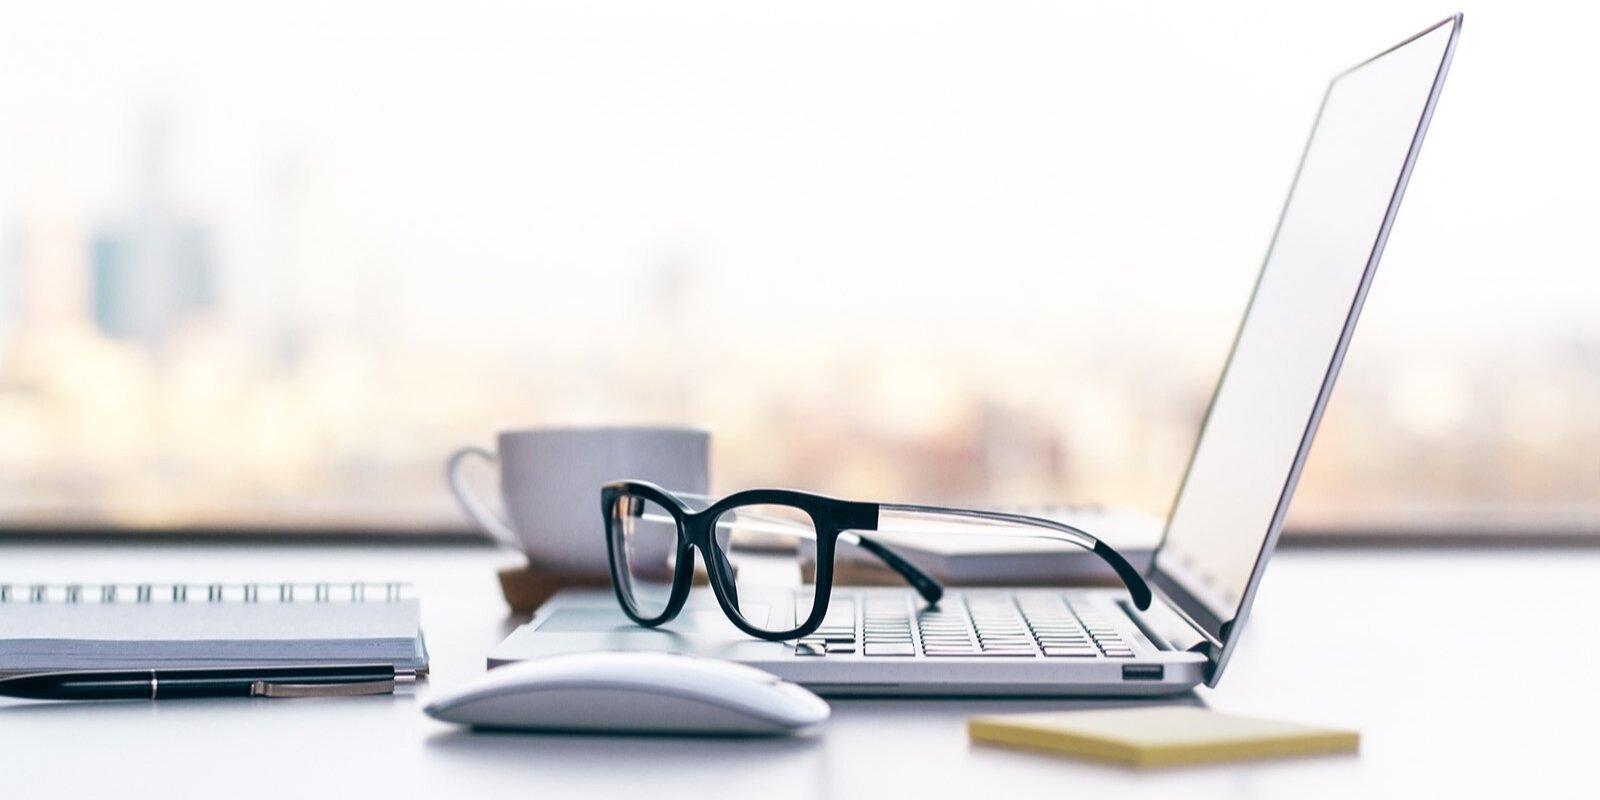 «Техноград» организует онлайн-курс, который будет посвящен маркетингу в социальных сетях